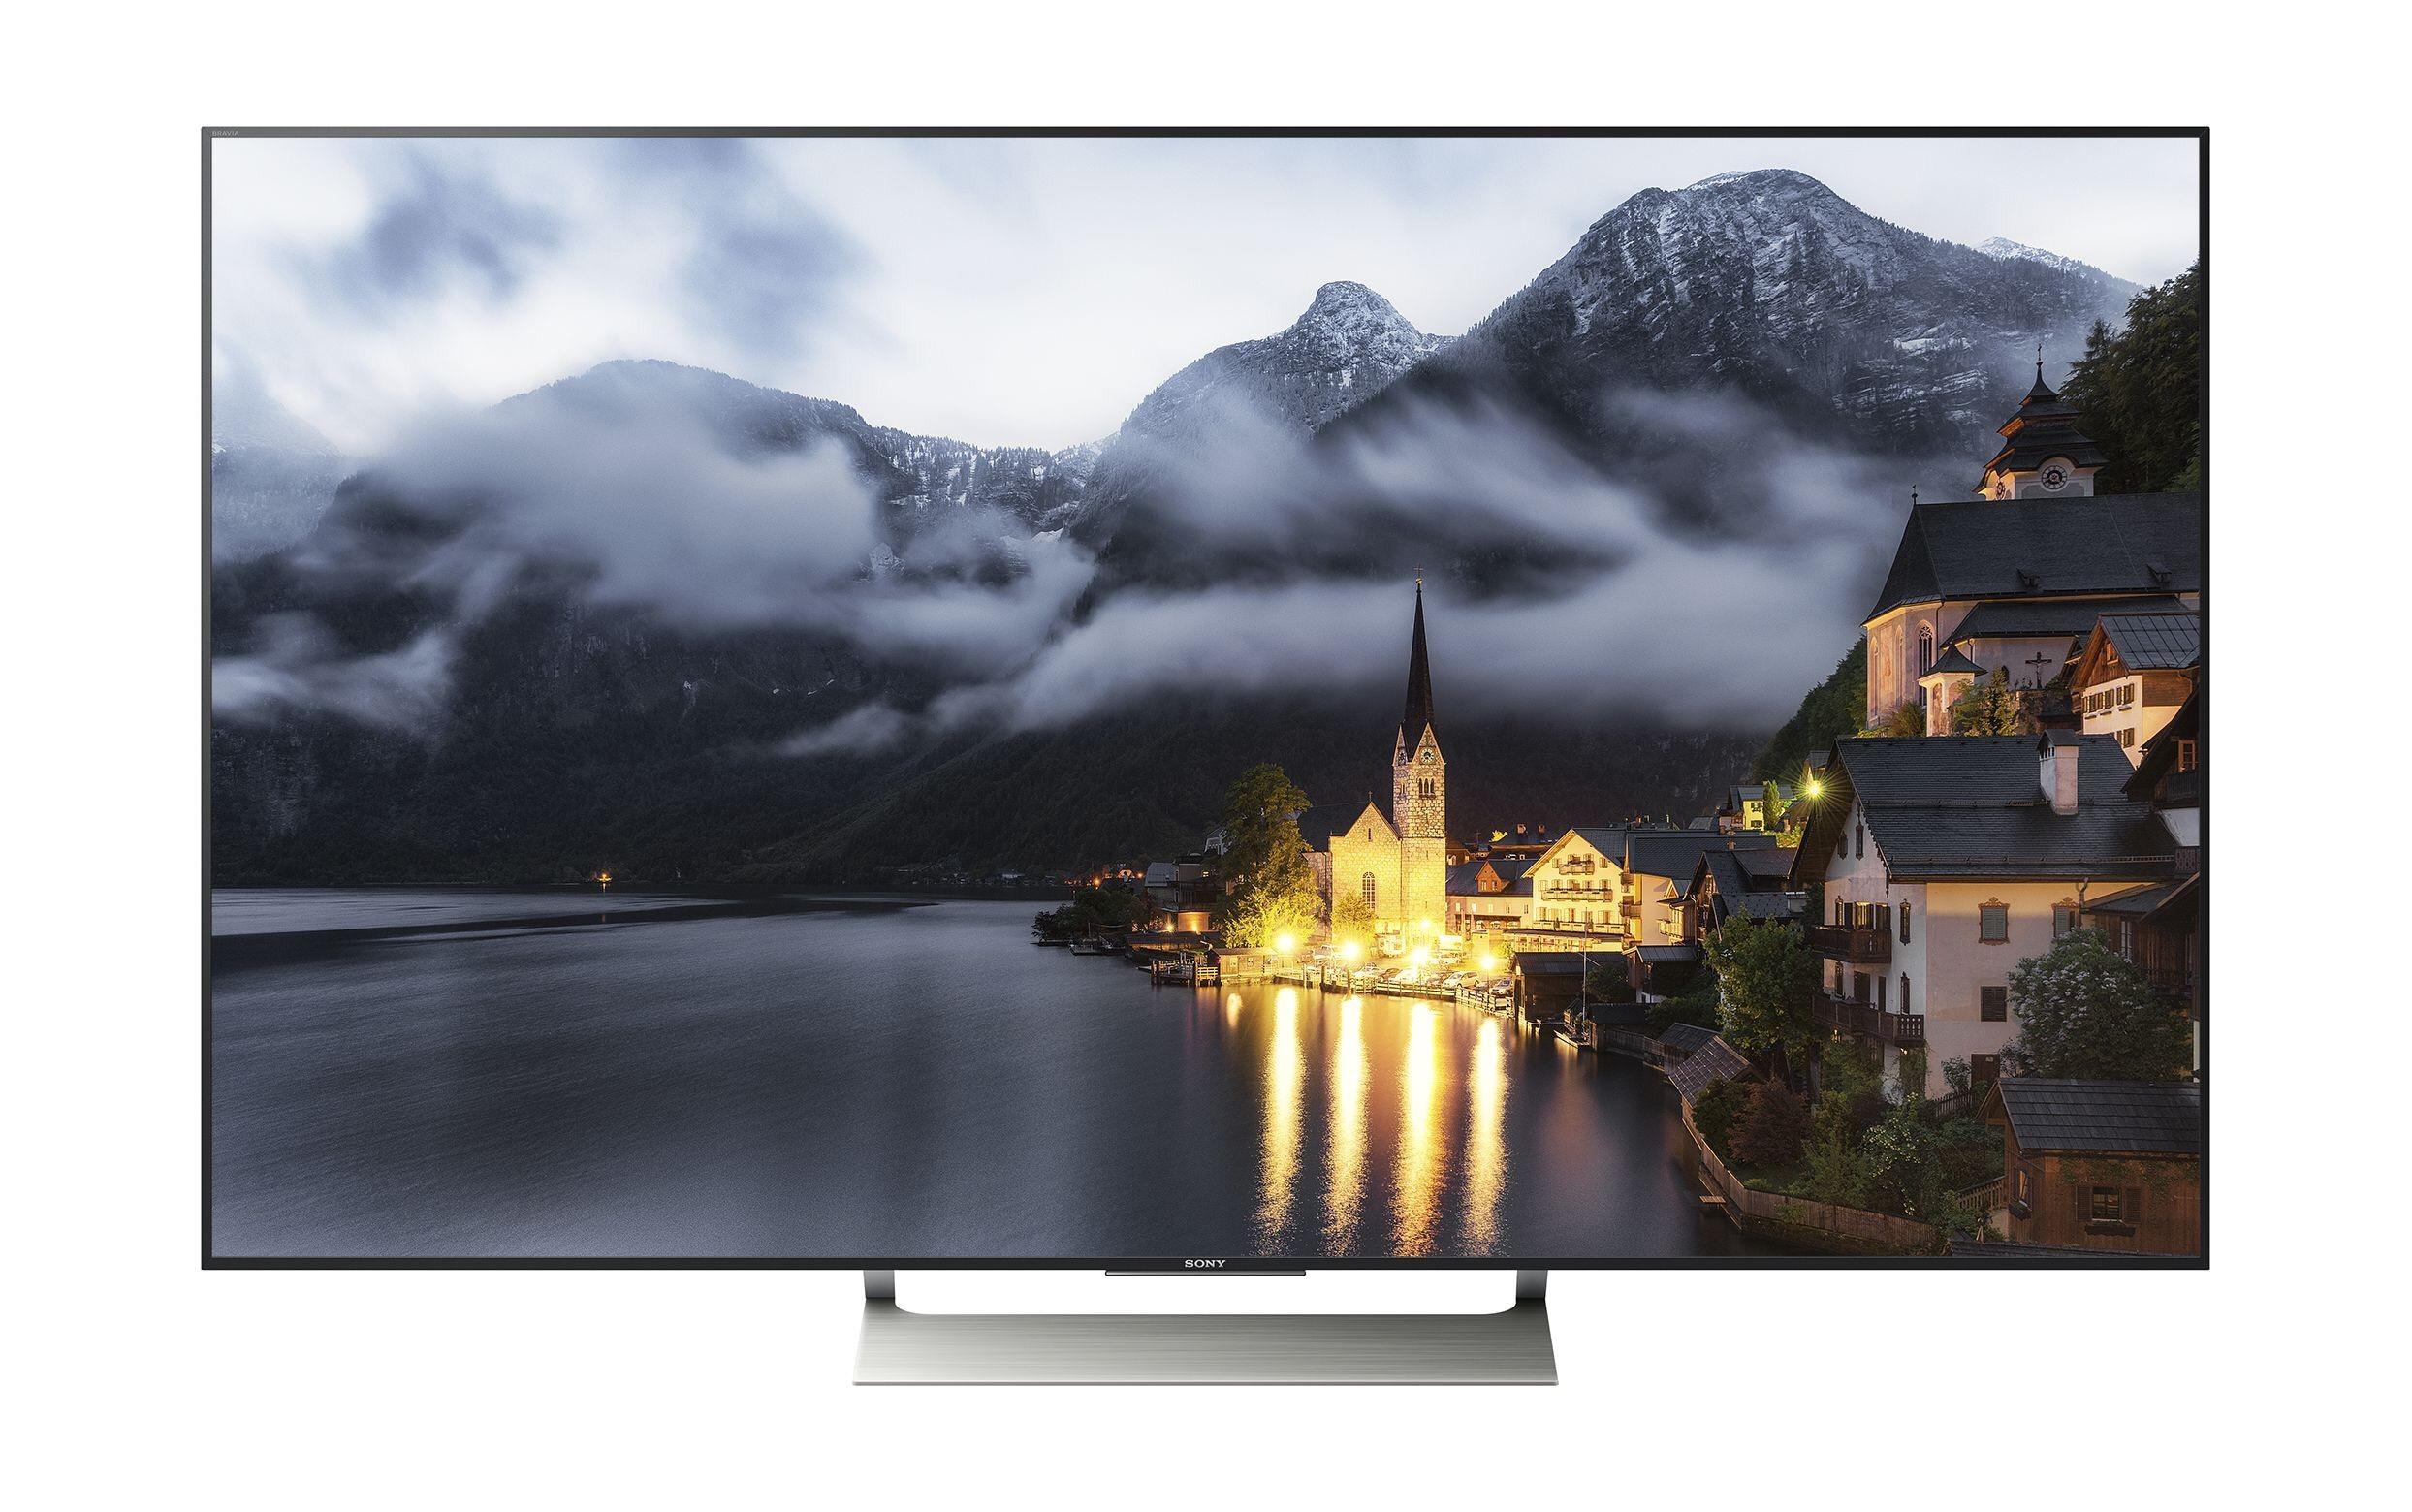 Sony 55XE9005 für 913,62€ bei Euronics eBay, versandkostenfrei und mit eBay.com 15% Gutschein